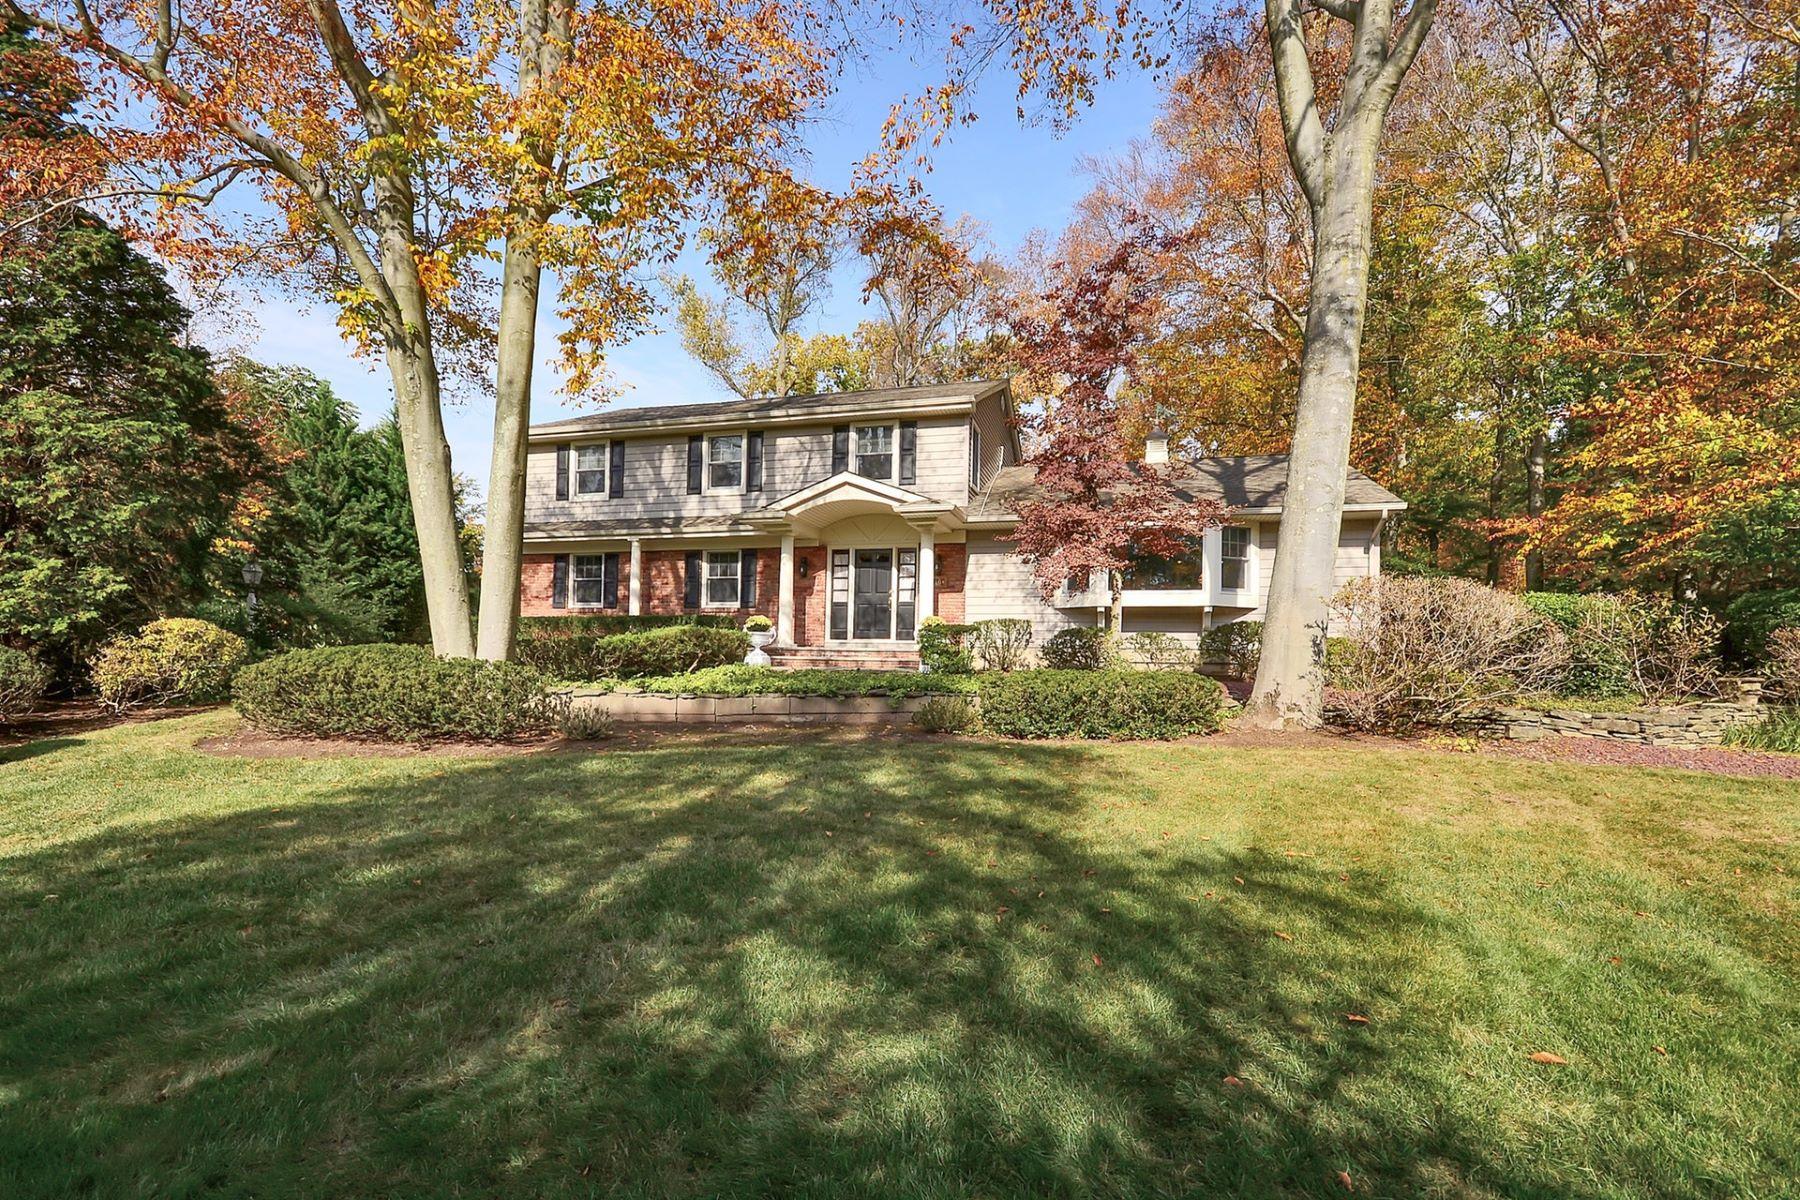 独户住宅 为 销售 在 Elegantly Renovated Woodcliff Lake Home 16 Gary Ct Woodcliff Lake, 新泽西州 07677 美国